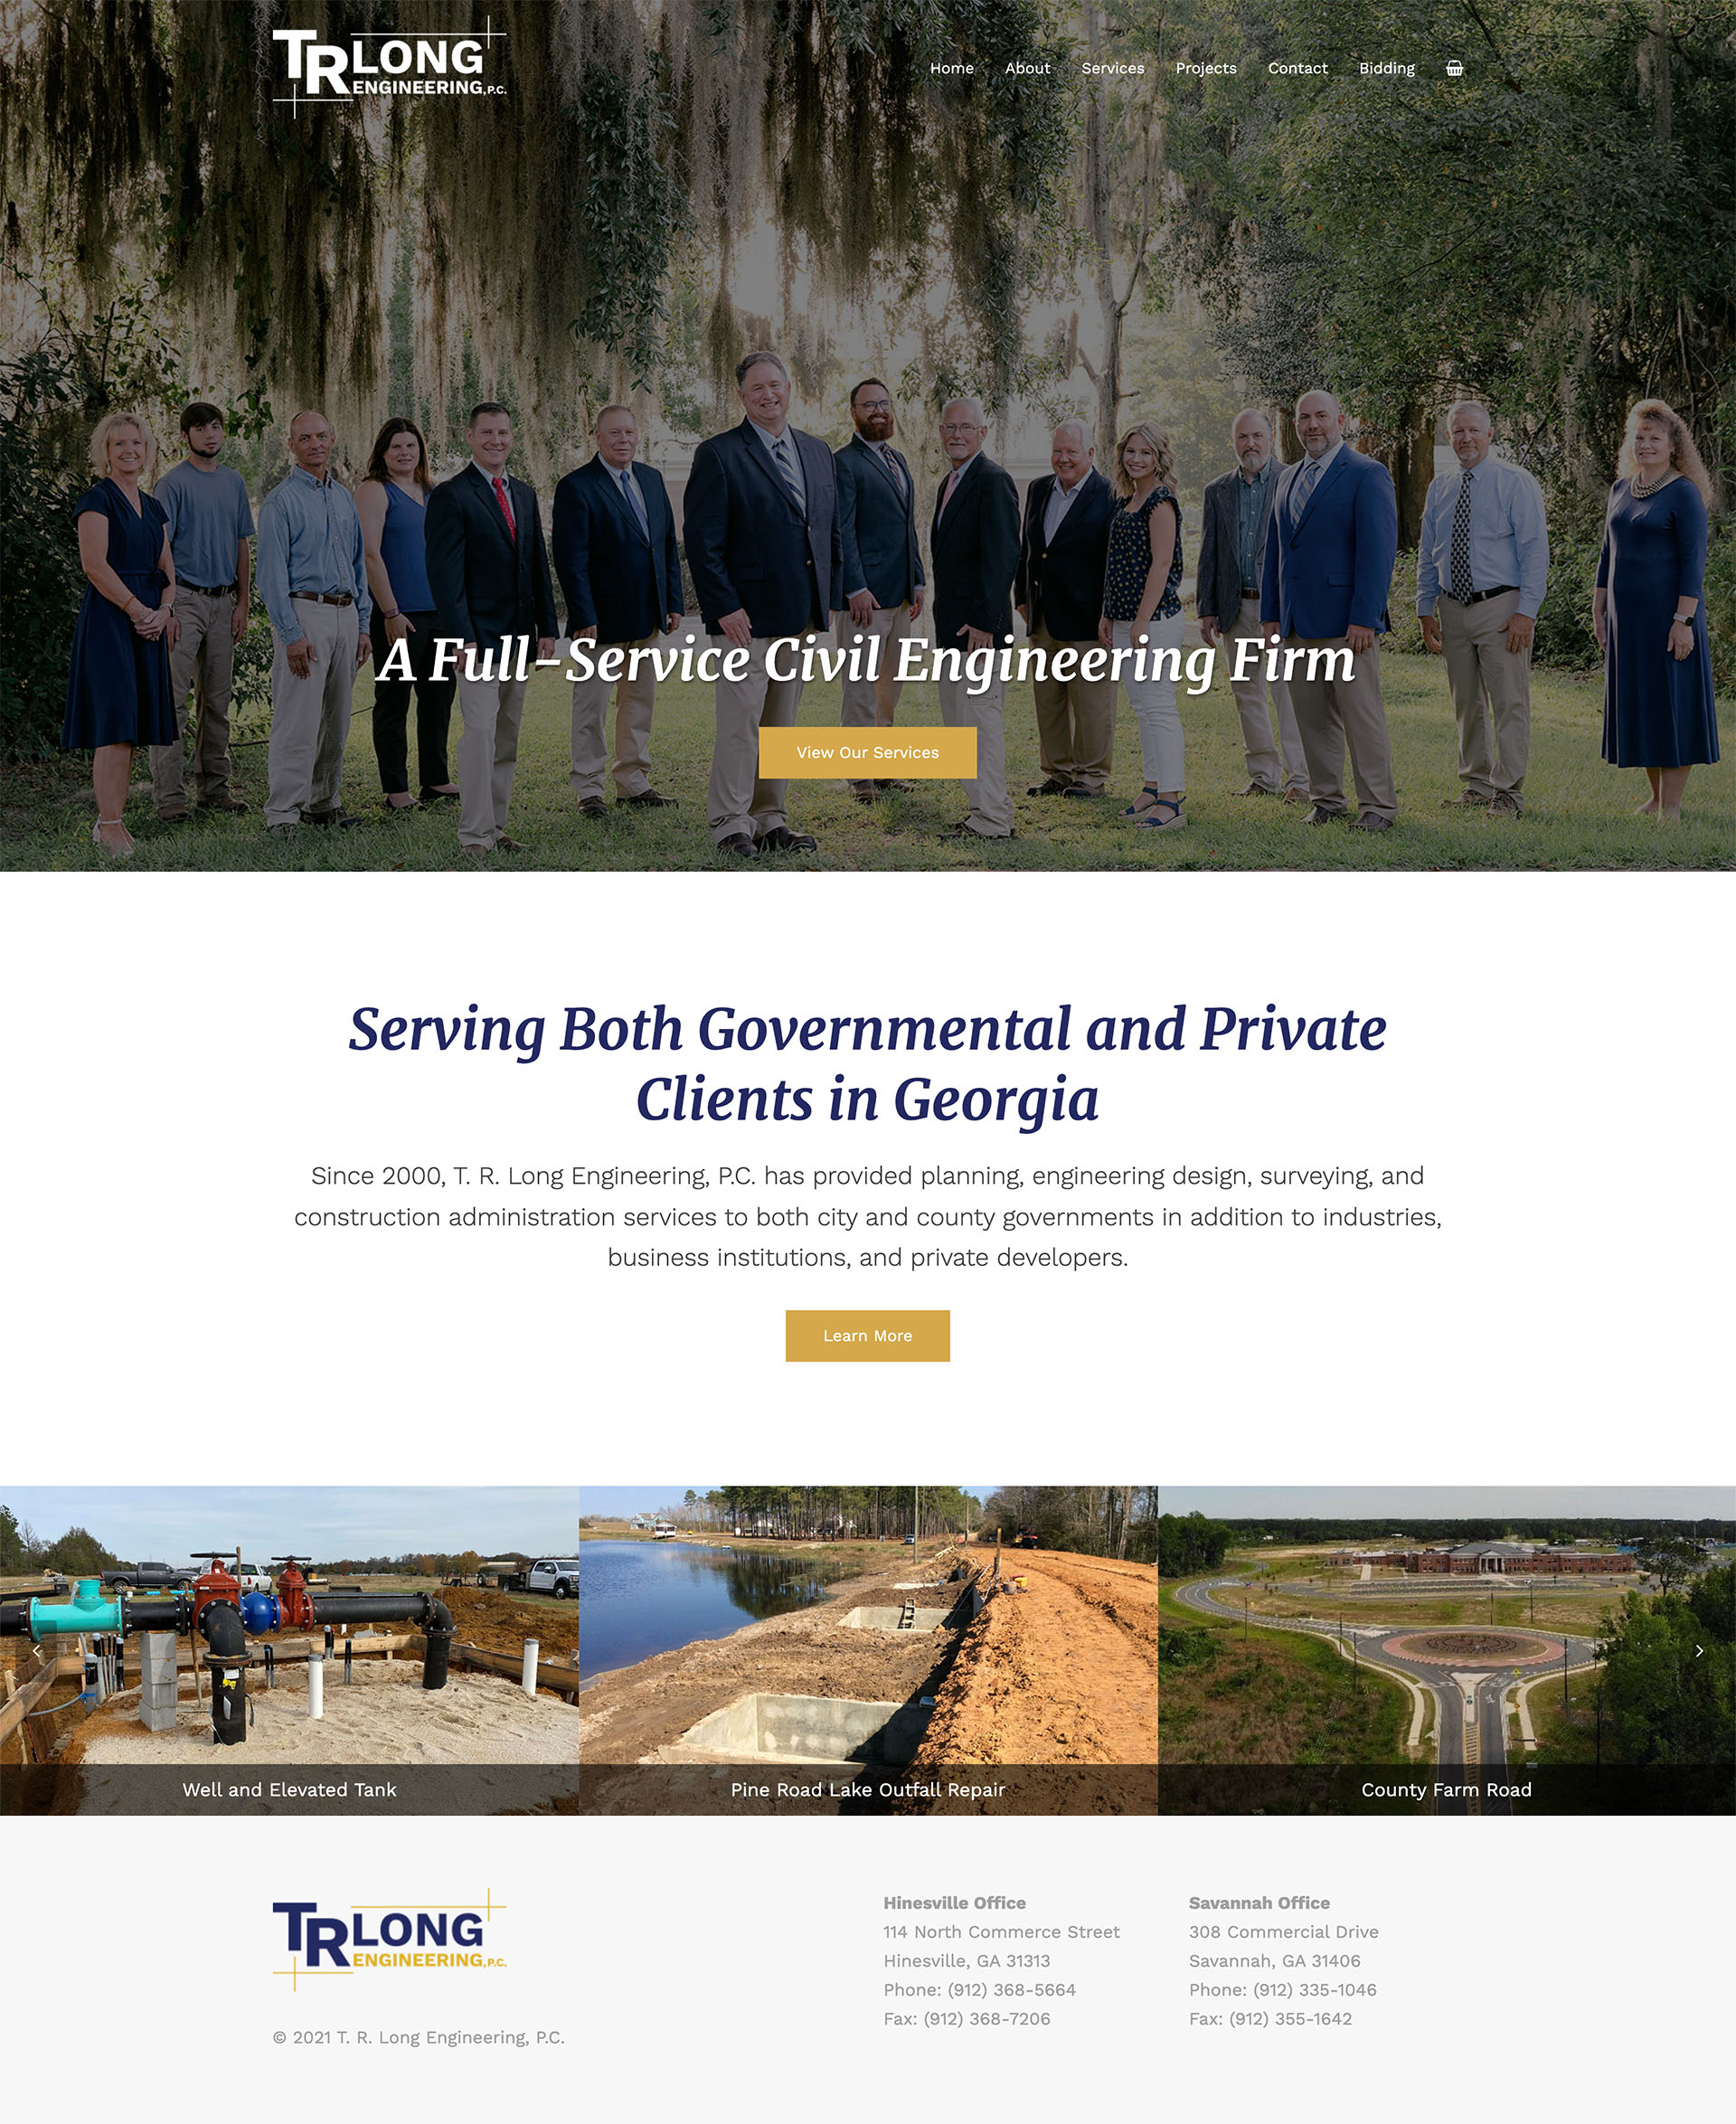 T. R. Long Engineering, P.C. Website Design - Lauren Dingus Creative